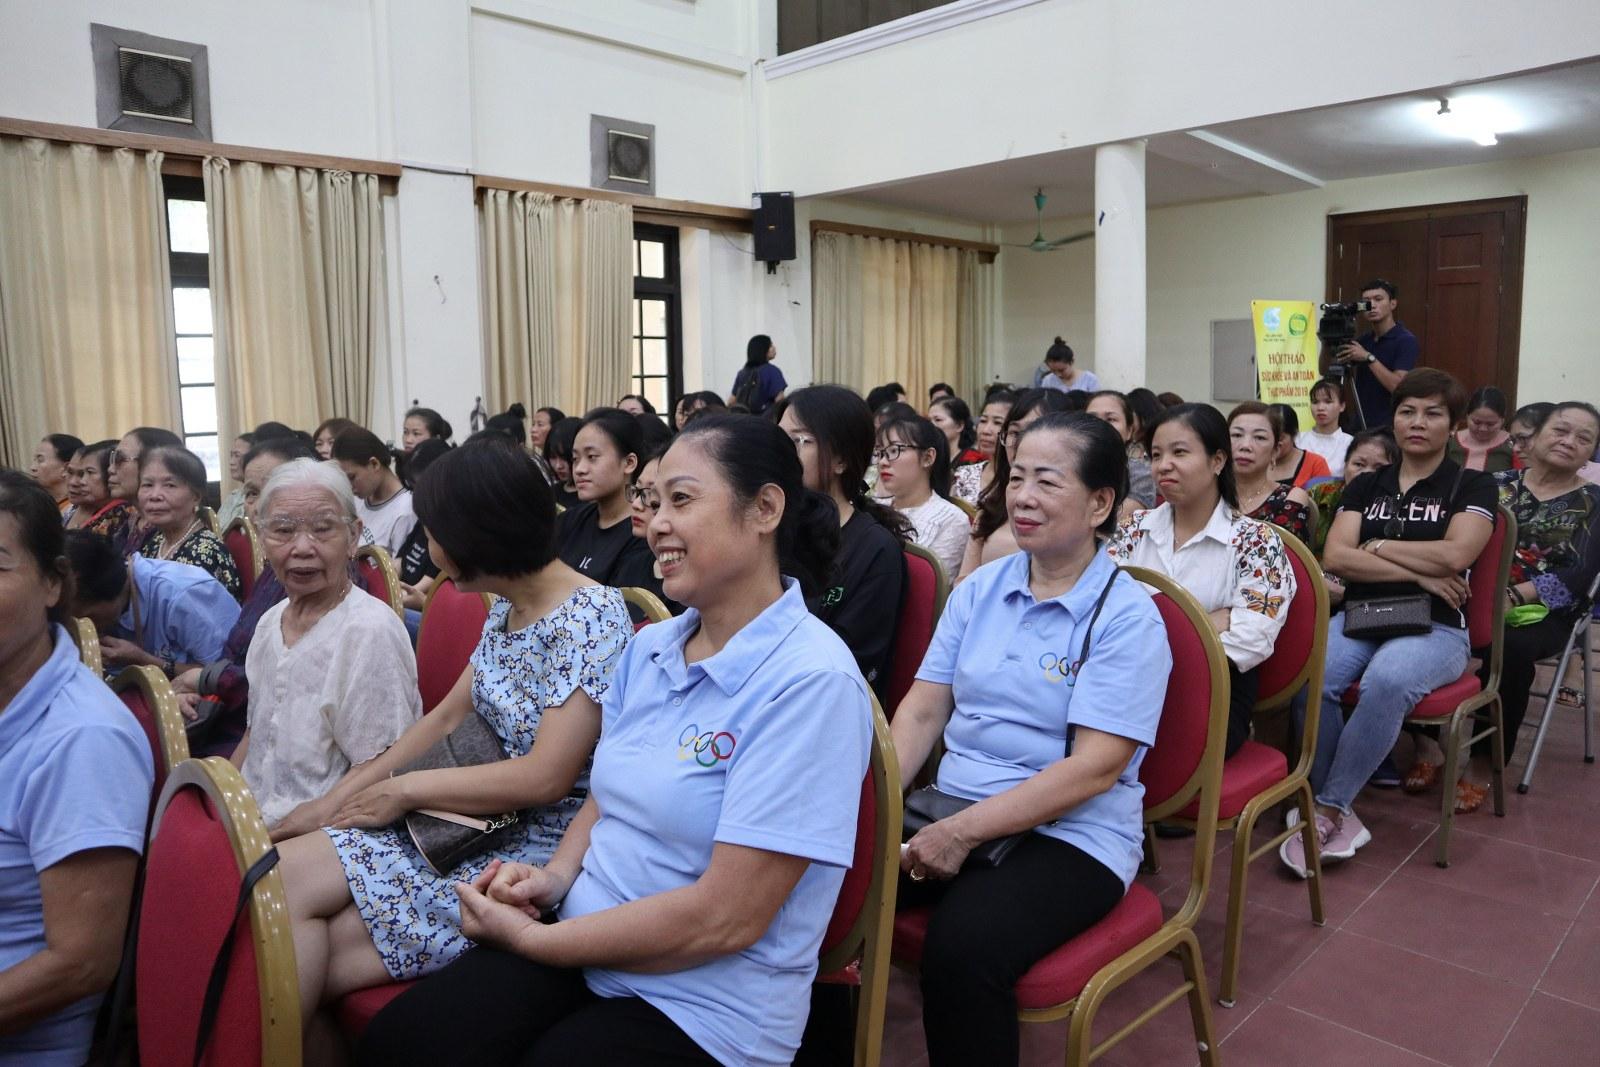 Hơn 300 đại biểu tham gia gồm có 100 sinh viên Học viện phụ nữ, 150 hội viên Hội Phụ nữ thành phố Hà Nội và 50 công đoàn đoàn viên Hội LHPN Việt Nam.